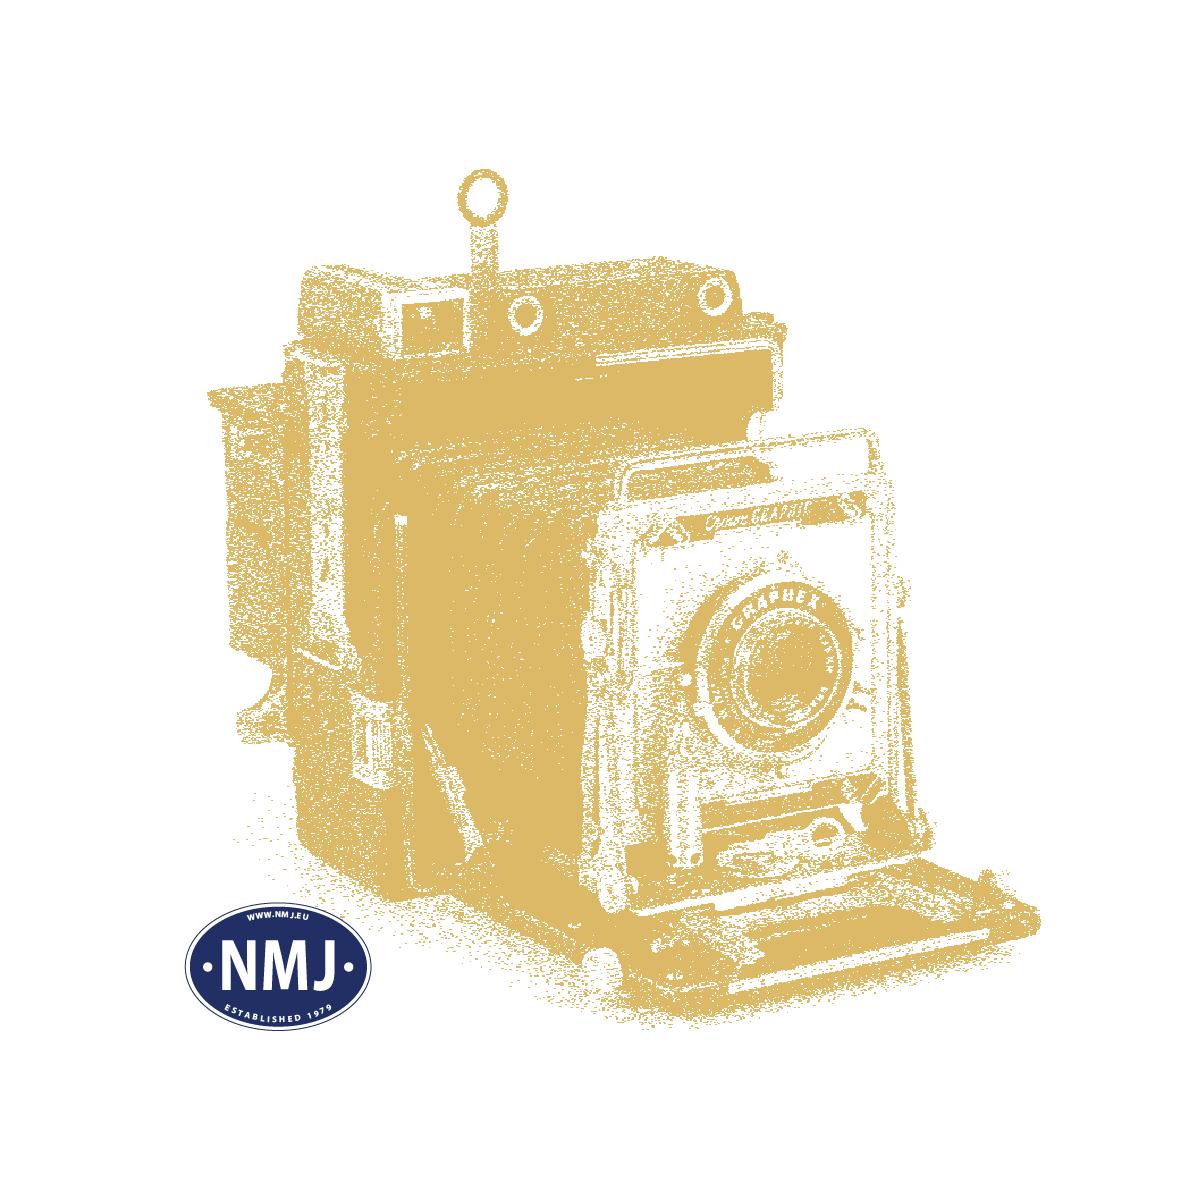 NMJT145403 - NMJ Topline SNCB 5211, DCC w/ Sound, 0-Scale